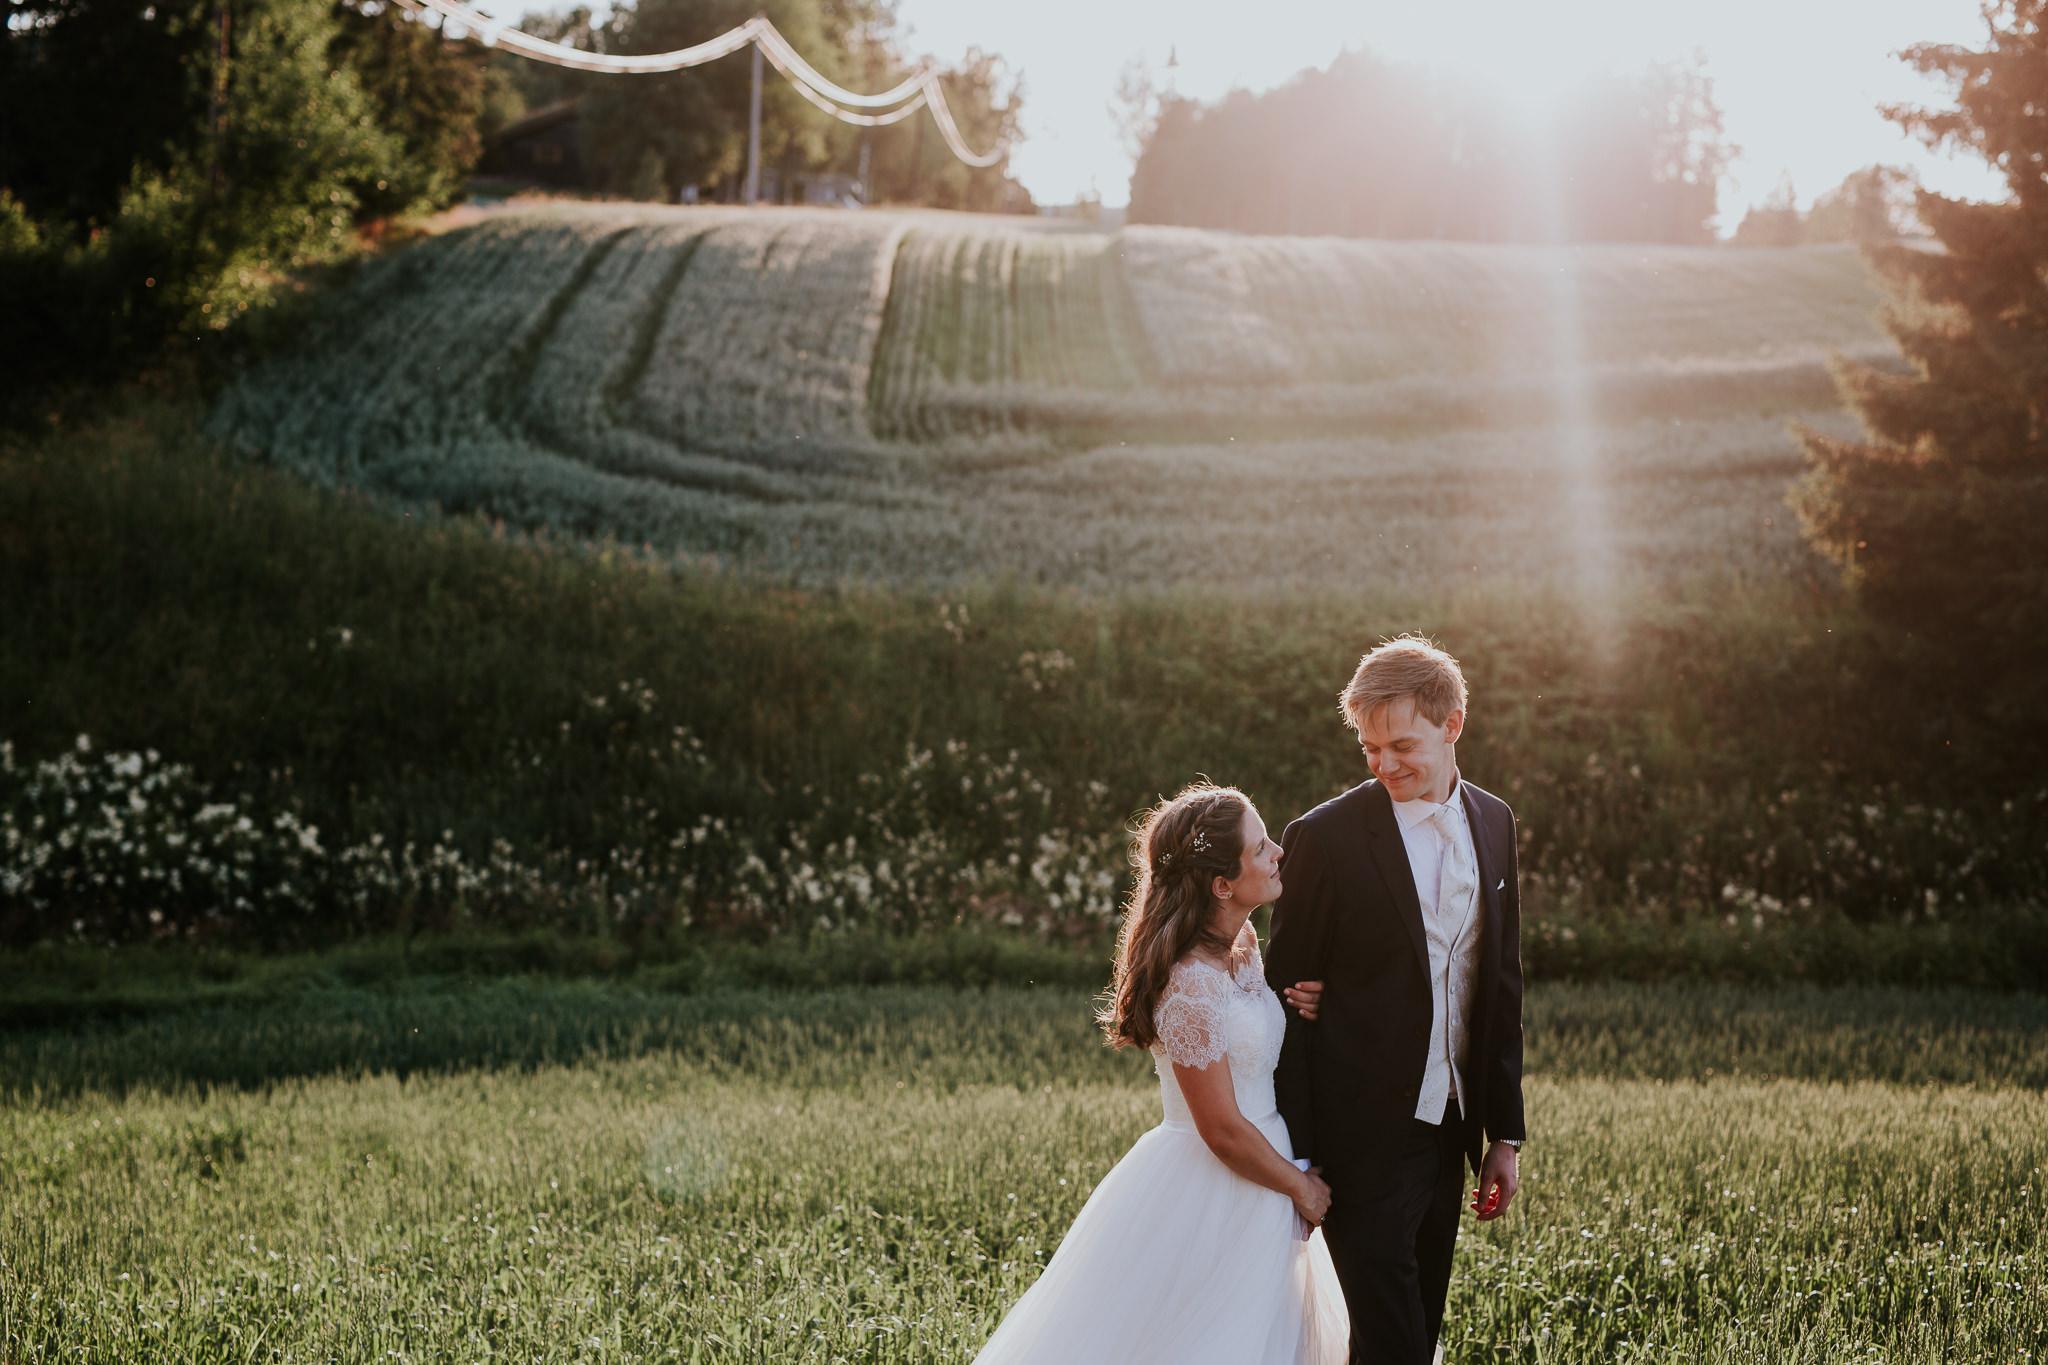 bryllupsbilde-blikkfangerne-fotograf-Tone-Tvedt10.jpg